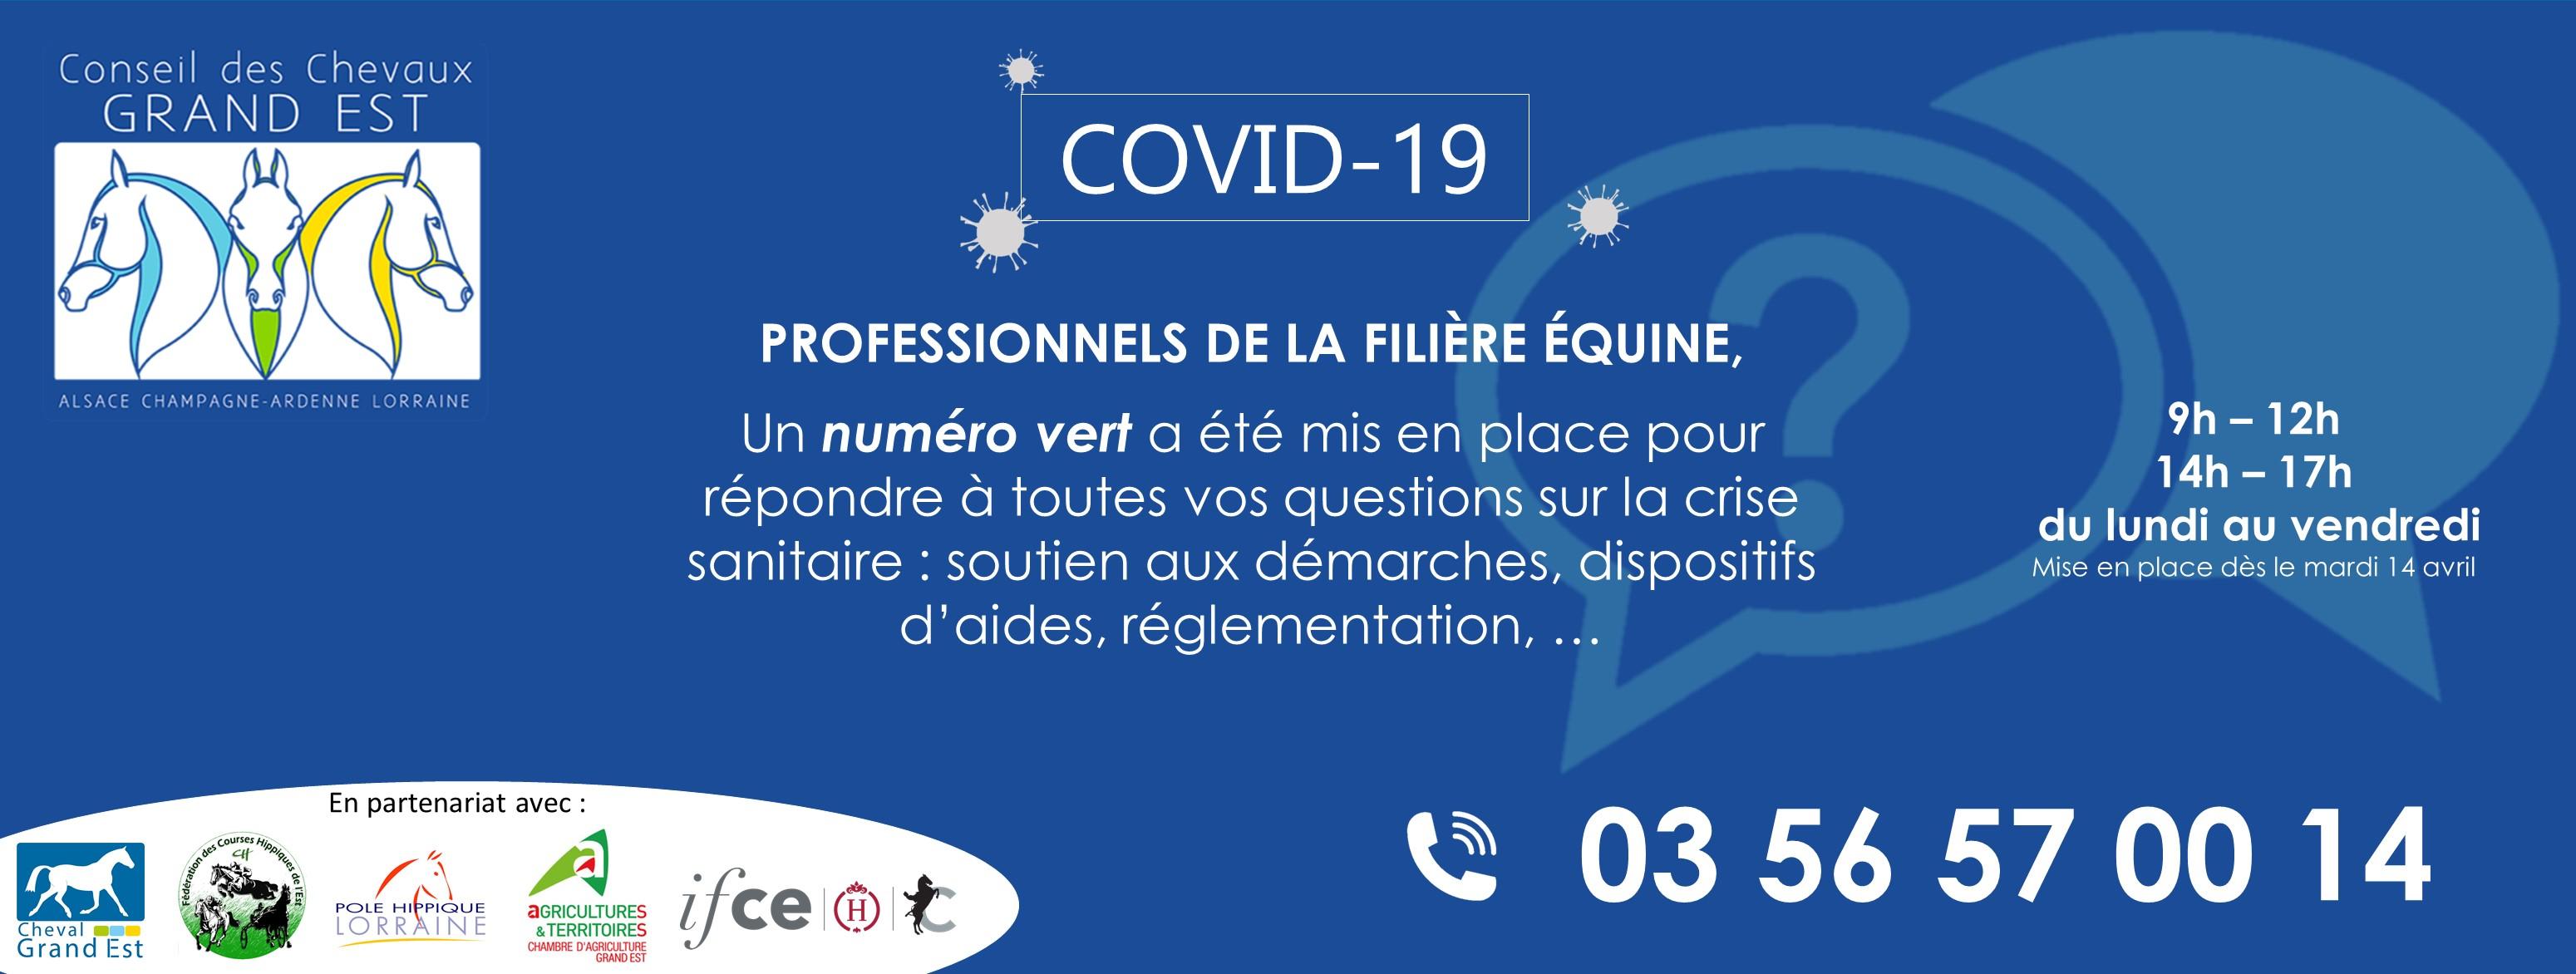 Covid-19 : le Conseil des Chevaux du Grand Est met en place un numéro vert : 03 56 57 00 14